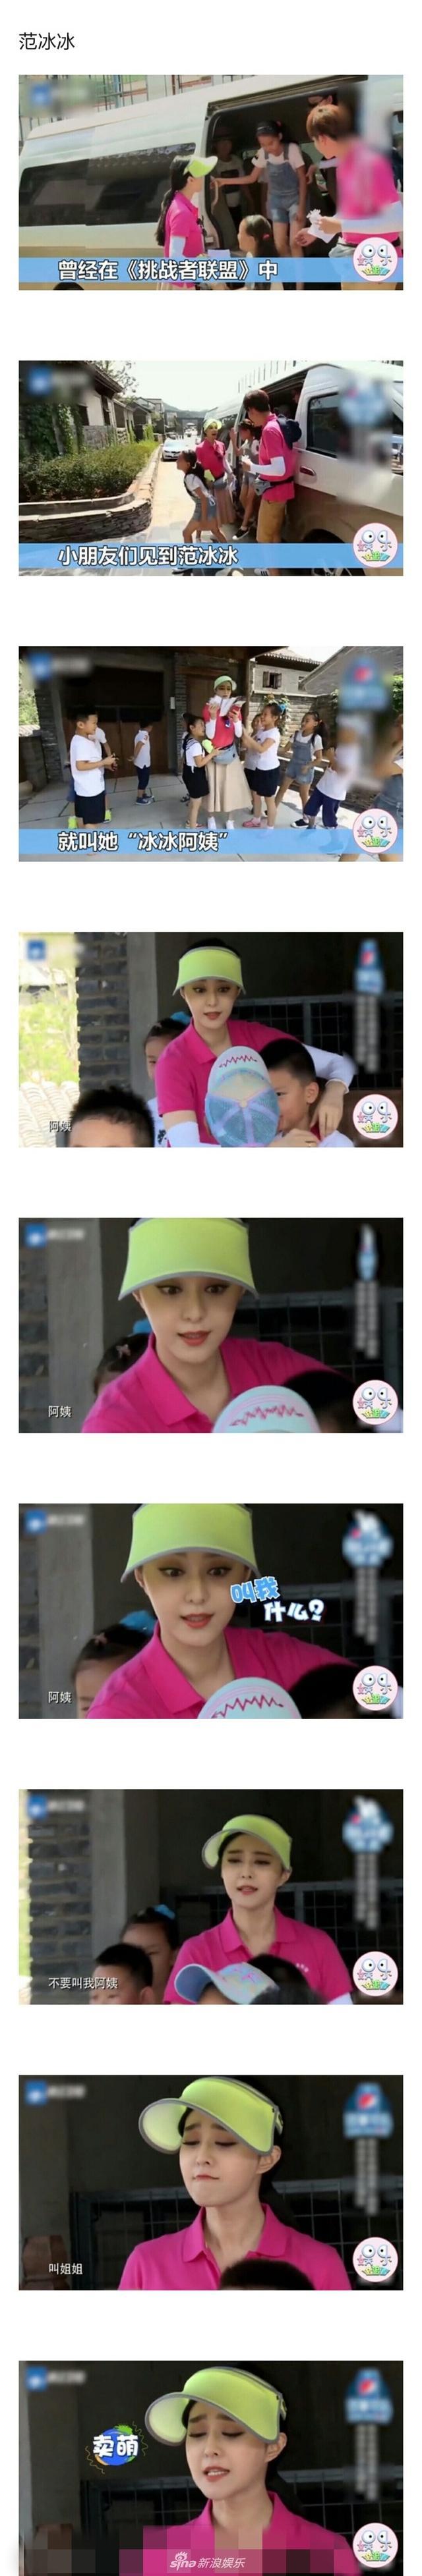 新浪娱乐讯  近日有网友放出一组女星被叫阿姨时的反应截图,刘涛在风中凌乱,姚晨略显尴尬,应采儿则主动要求孩子叫阿姨,范冰冰的表情十分亮眼。